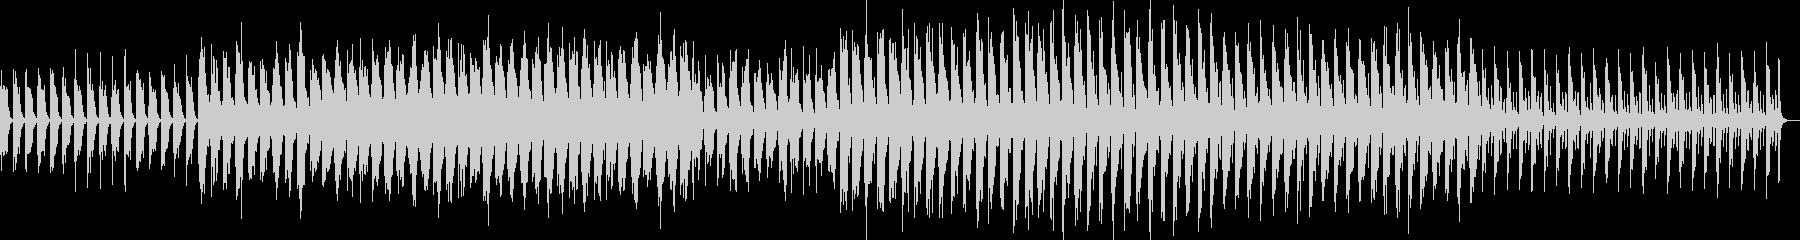 少しづつ変化するメロディの未再生の波形